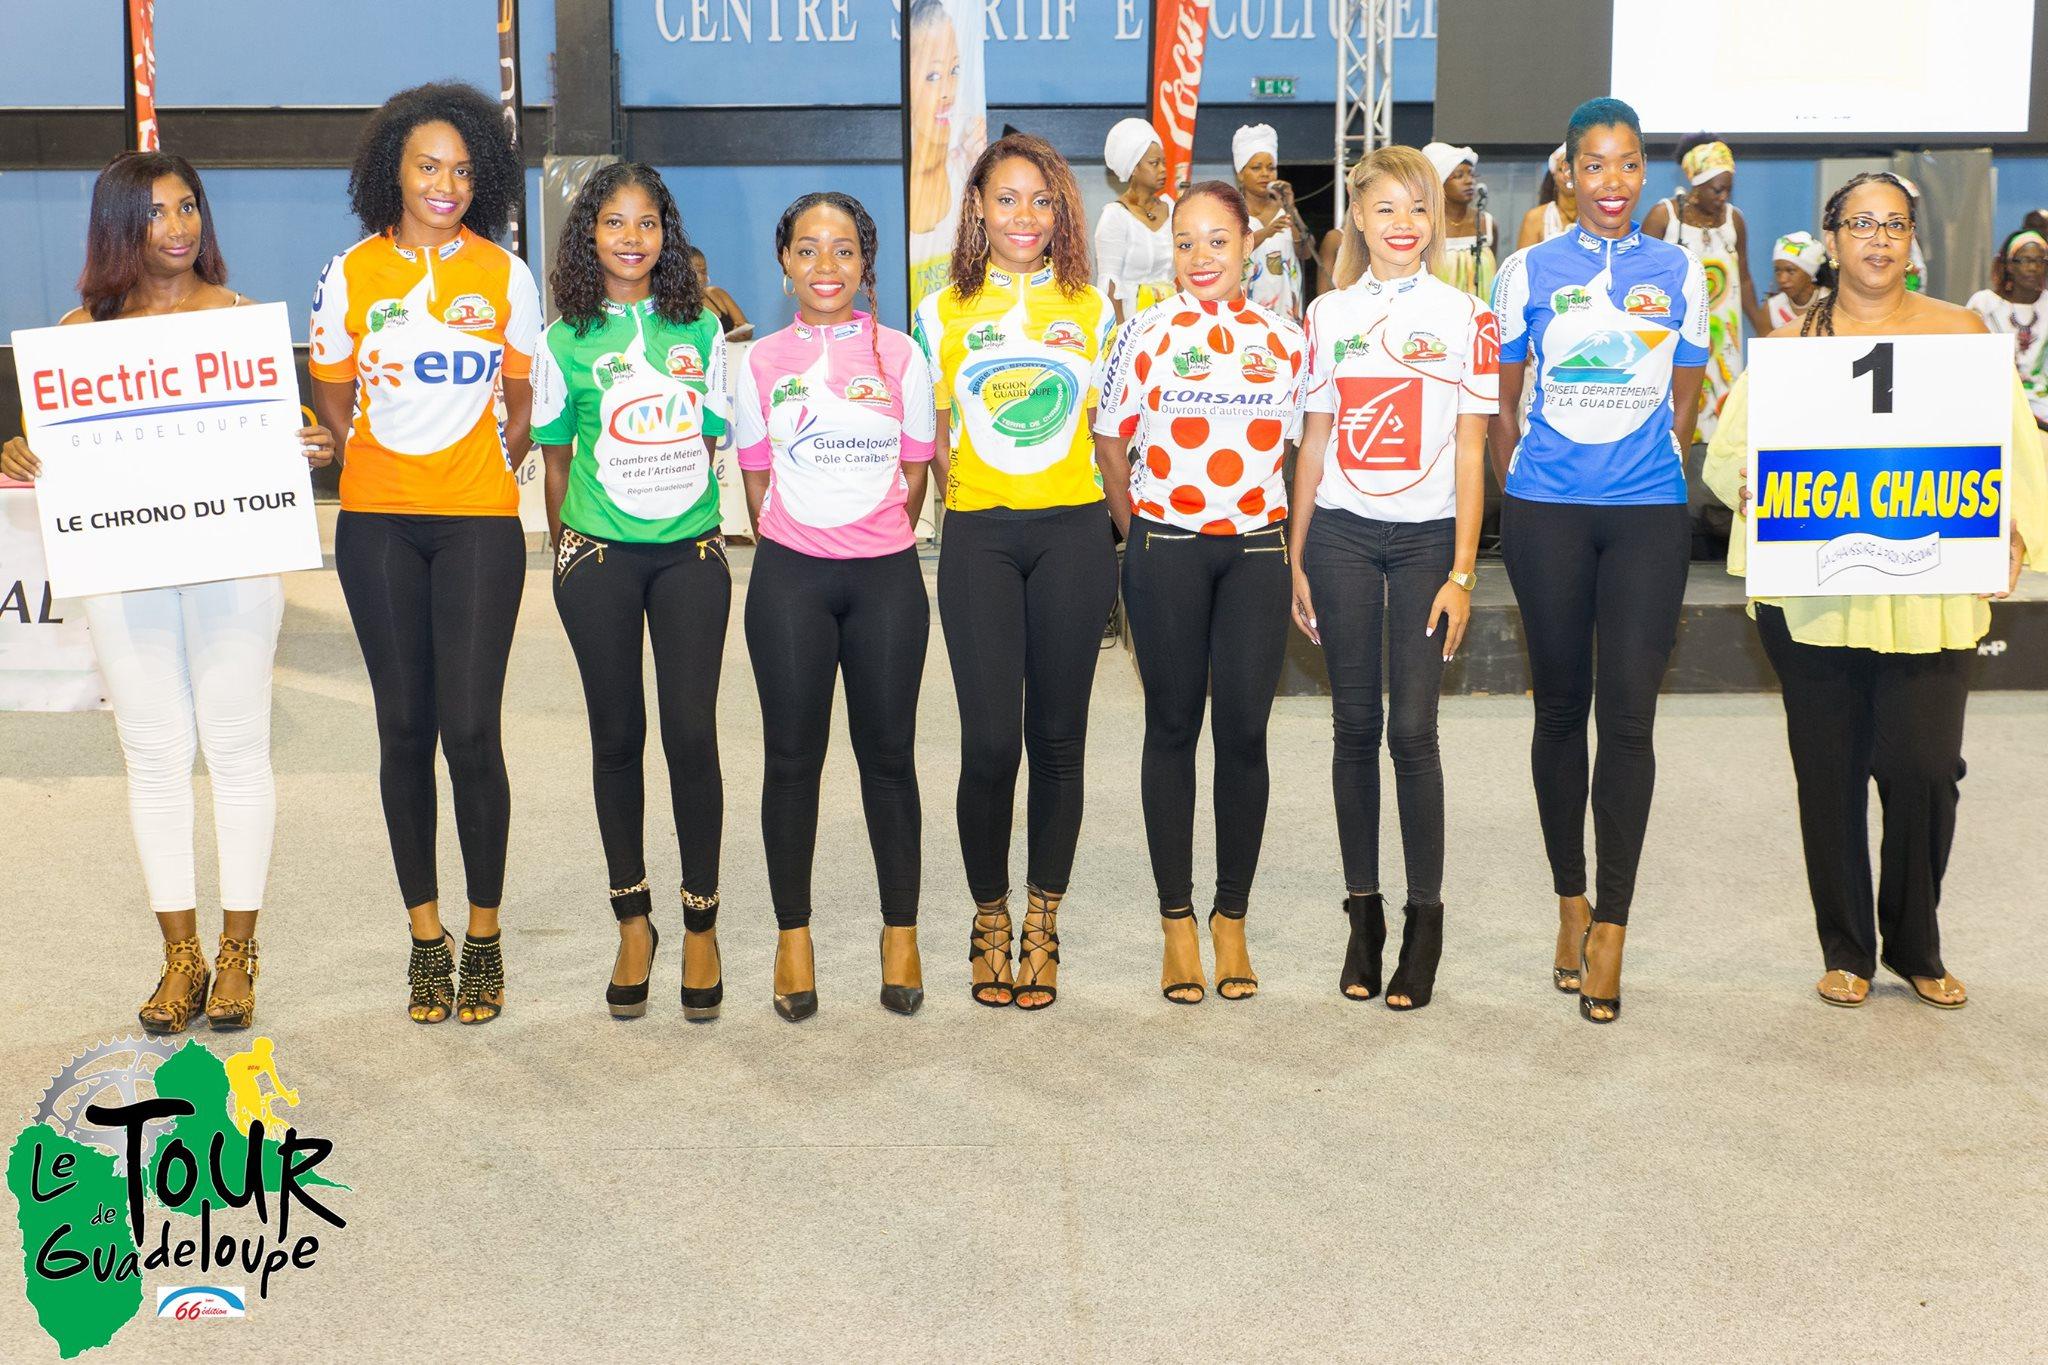 photo comité régional de la Guadeloupe